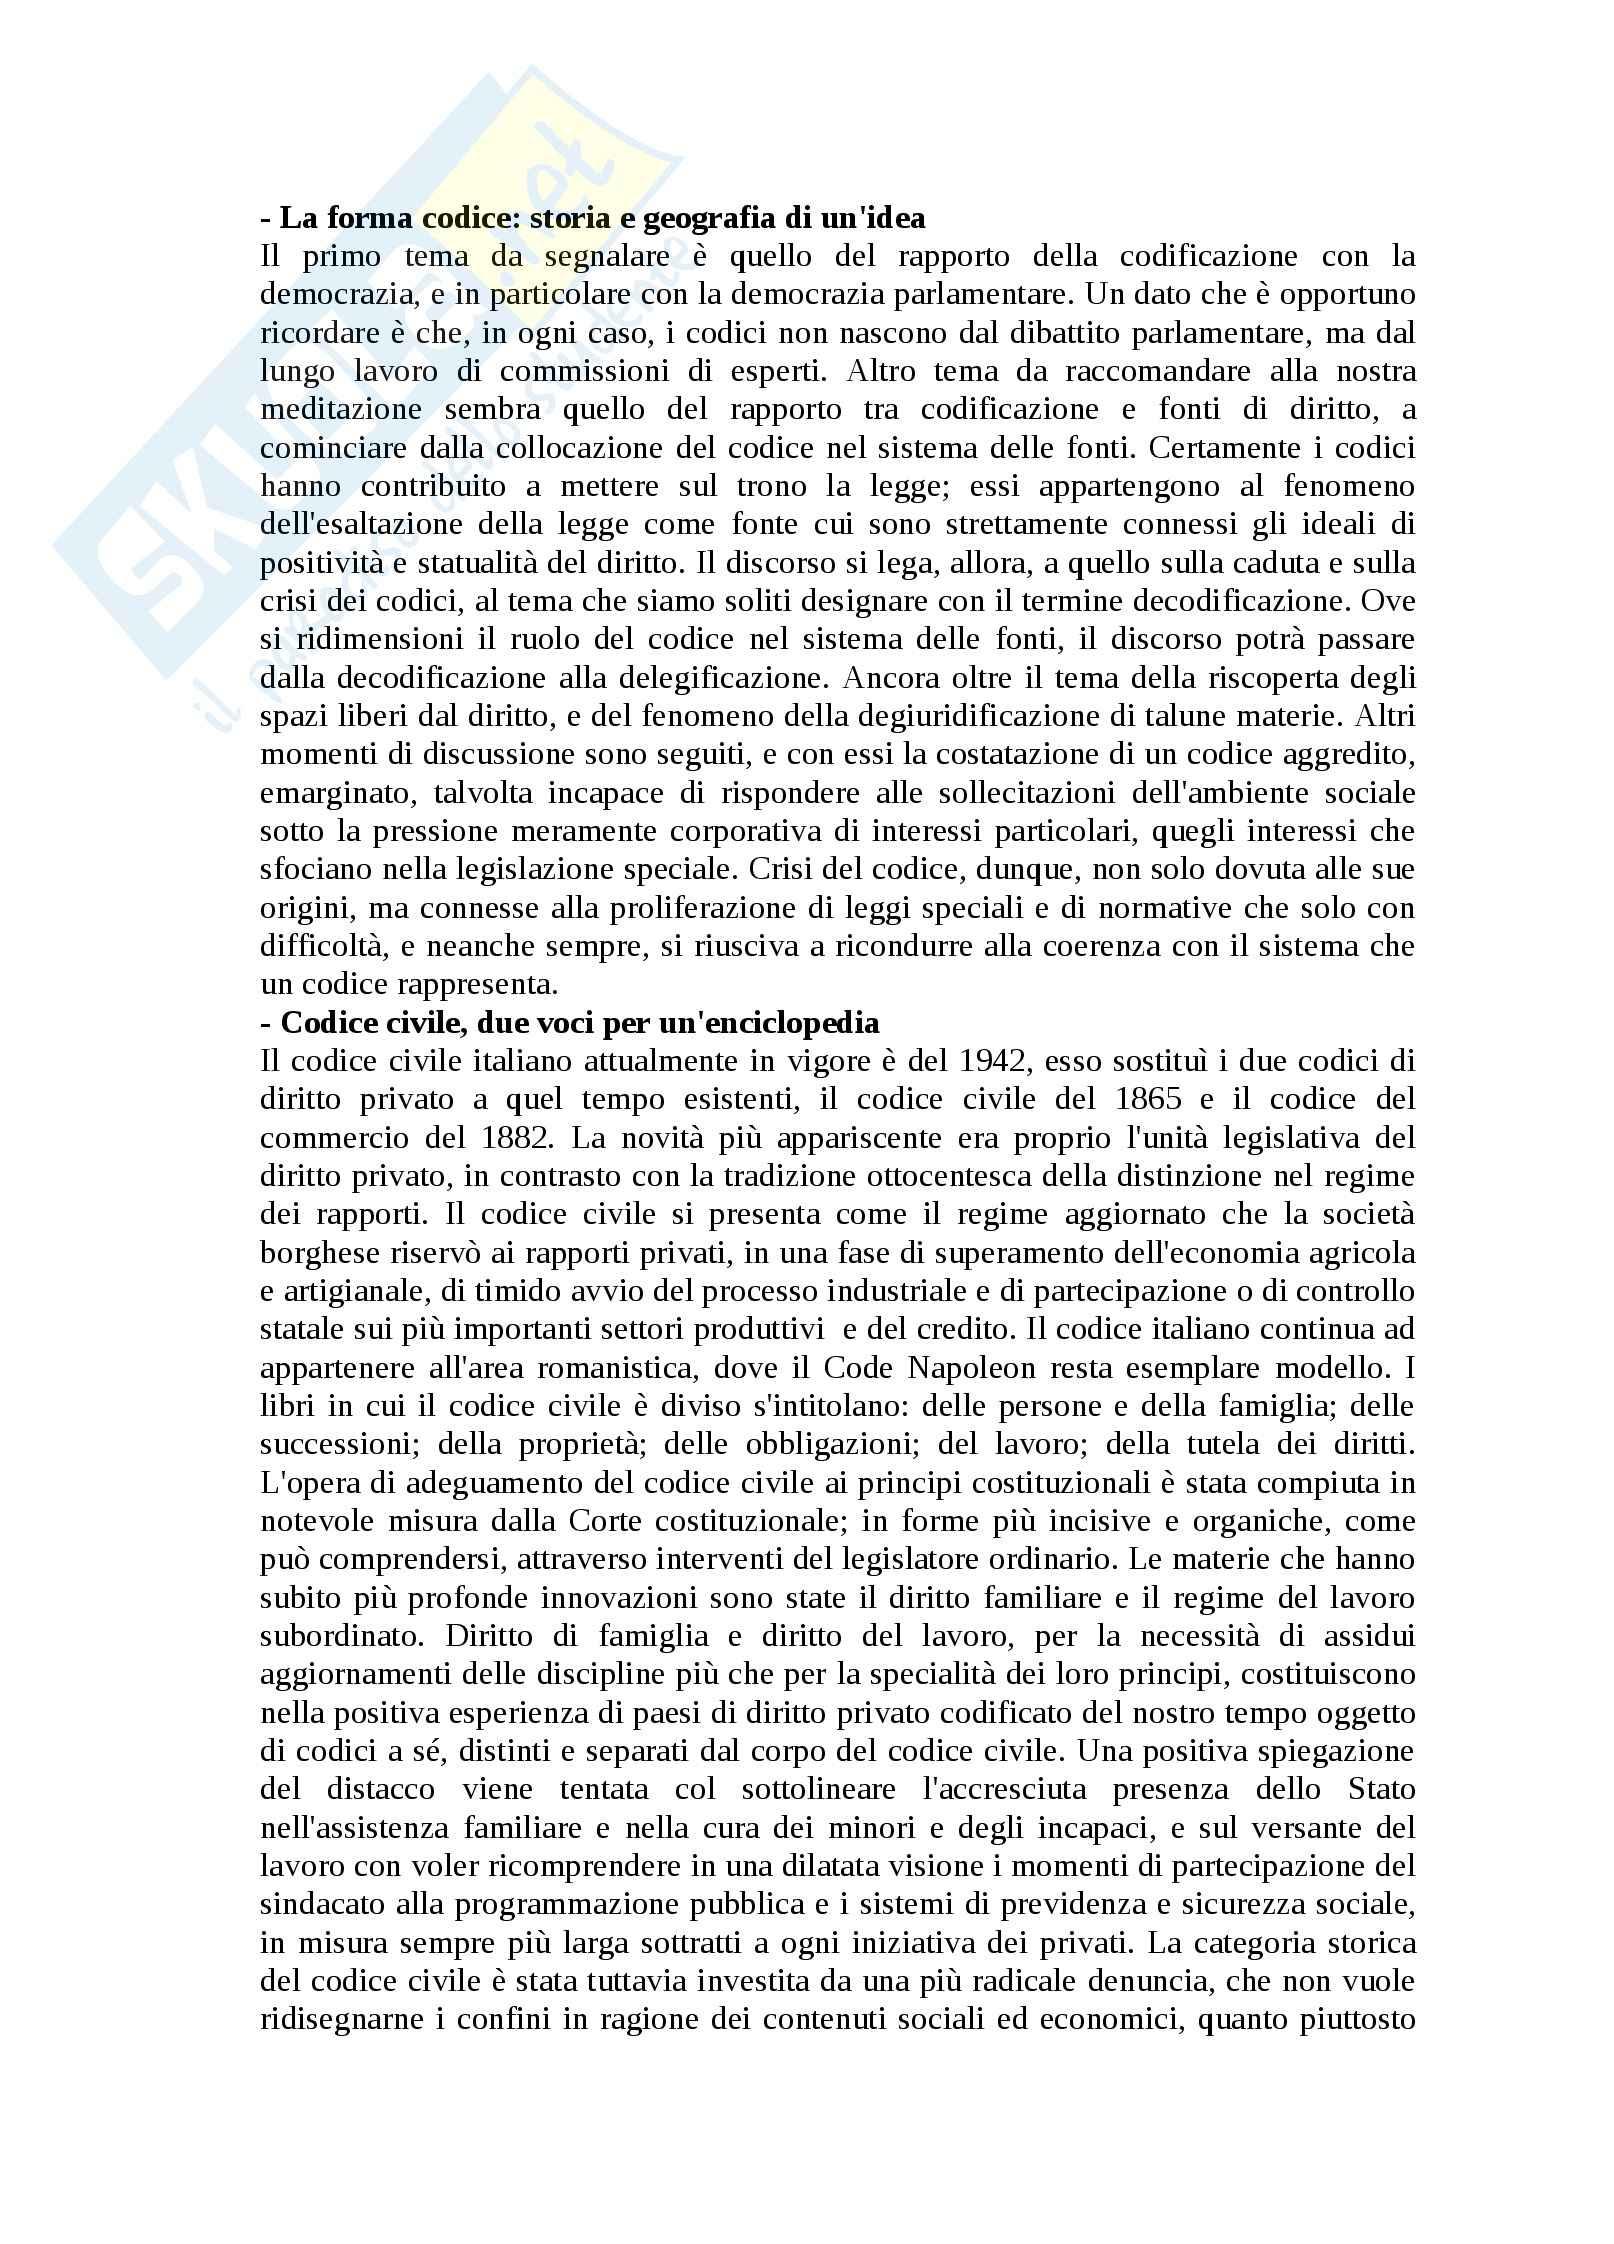 Riassunto esame Sistemi giuridici, Codici. Storia e geografia di un'idea, Rescigno, prof. Autorino